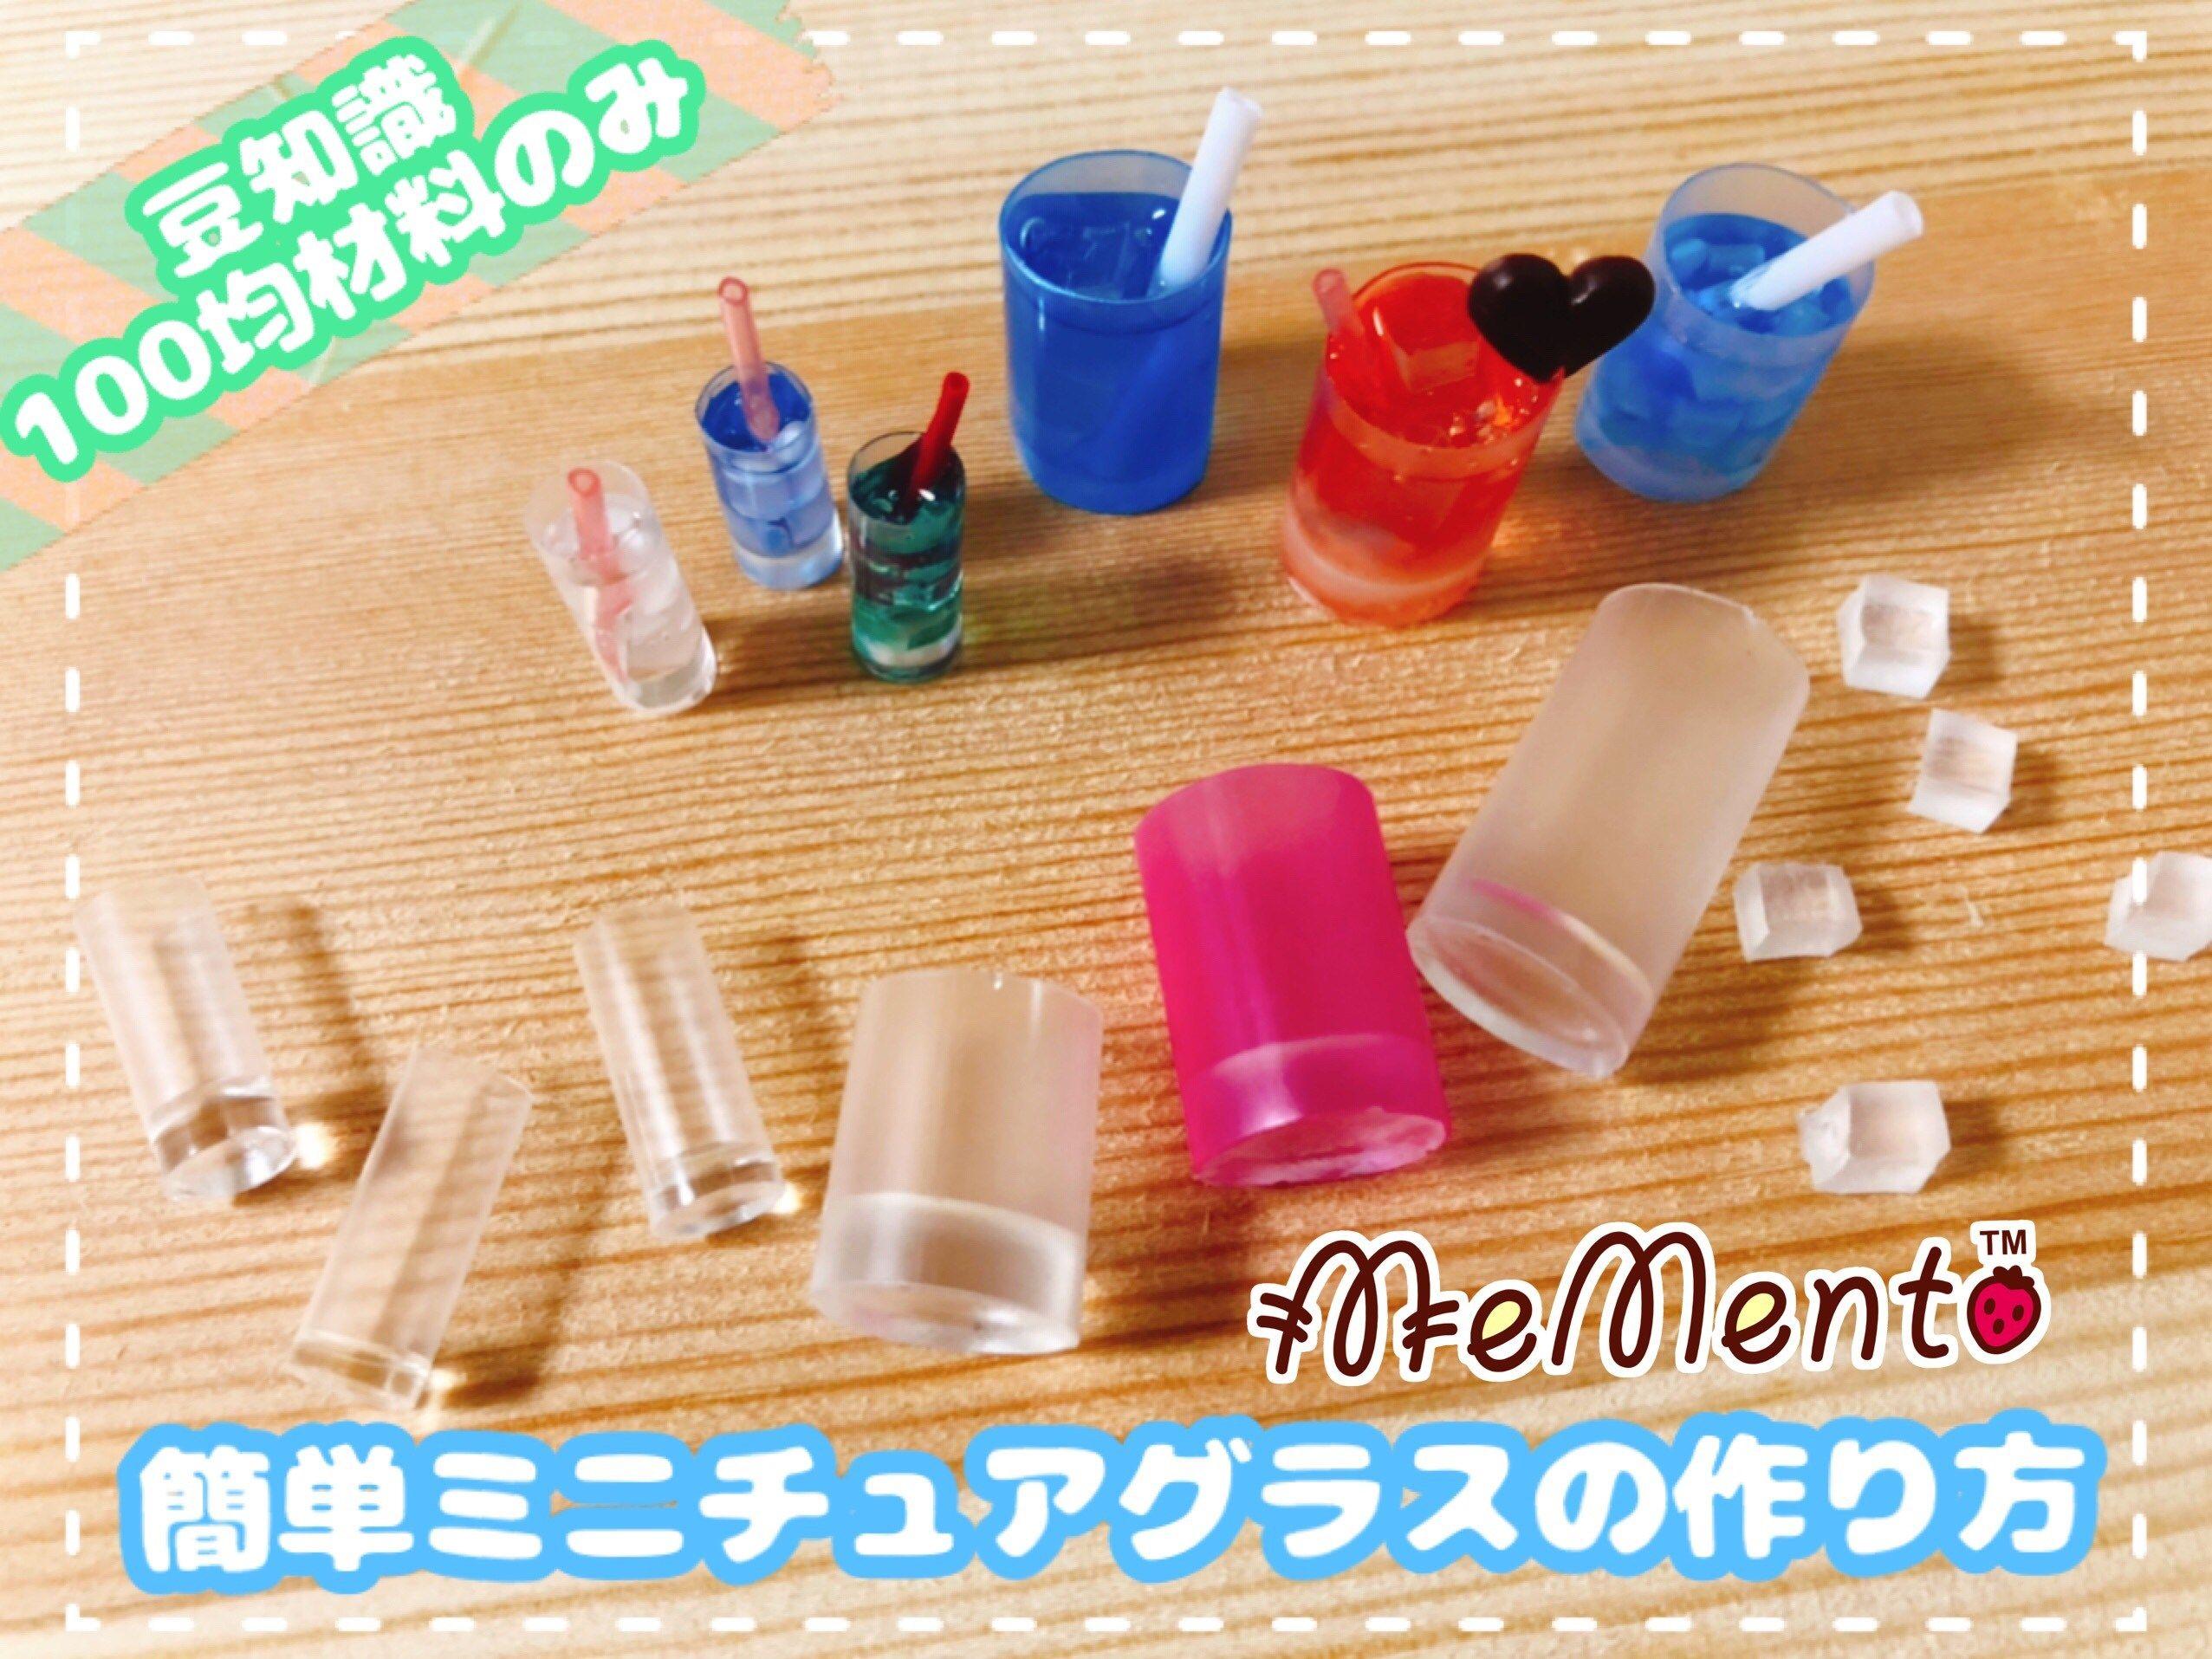 福岡を拠点にフェイクスイーツを作ってますmemento Sweets Decoです ミニチュア ドリンクにかかせないのがグラスですよね すごく簡単にしかも100均の材料だけで簡単に作れます 合わせてストローの作り方もぜひ覗いて見てくださいね ミニチュアフード 作り方 樹脂